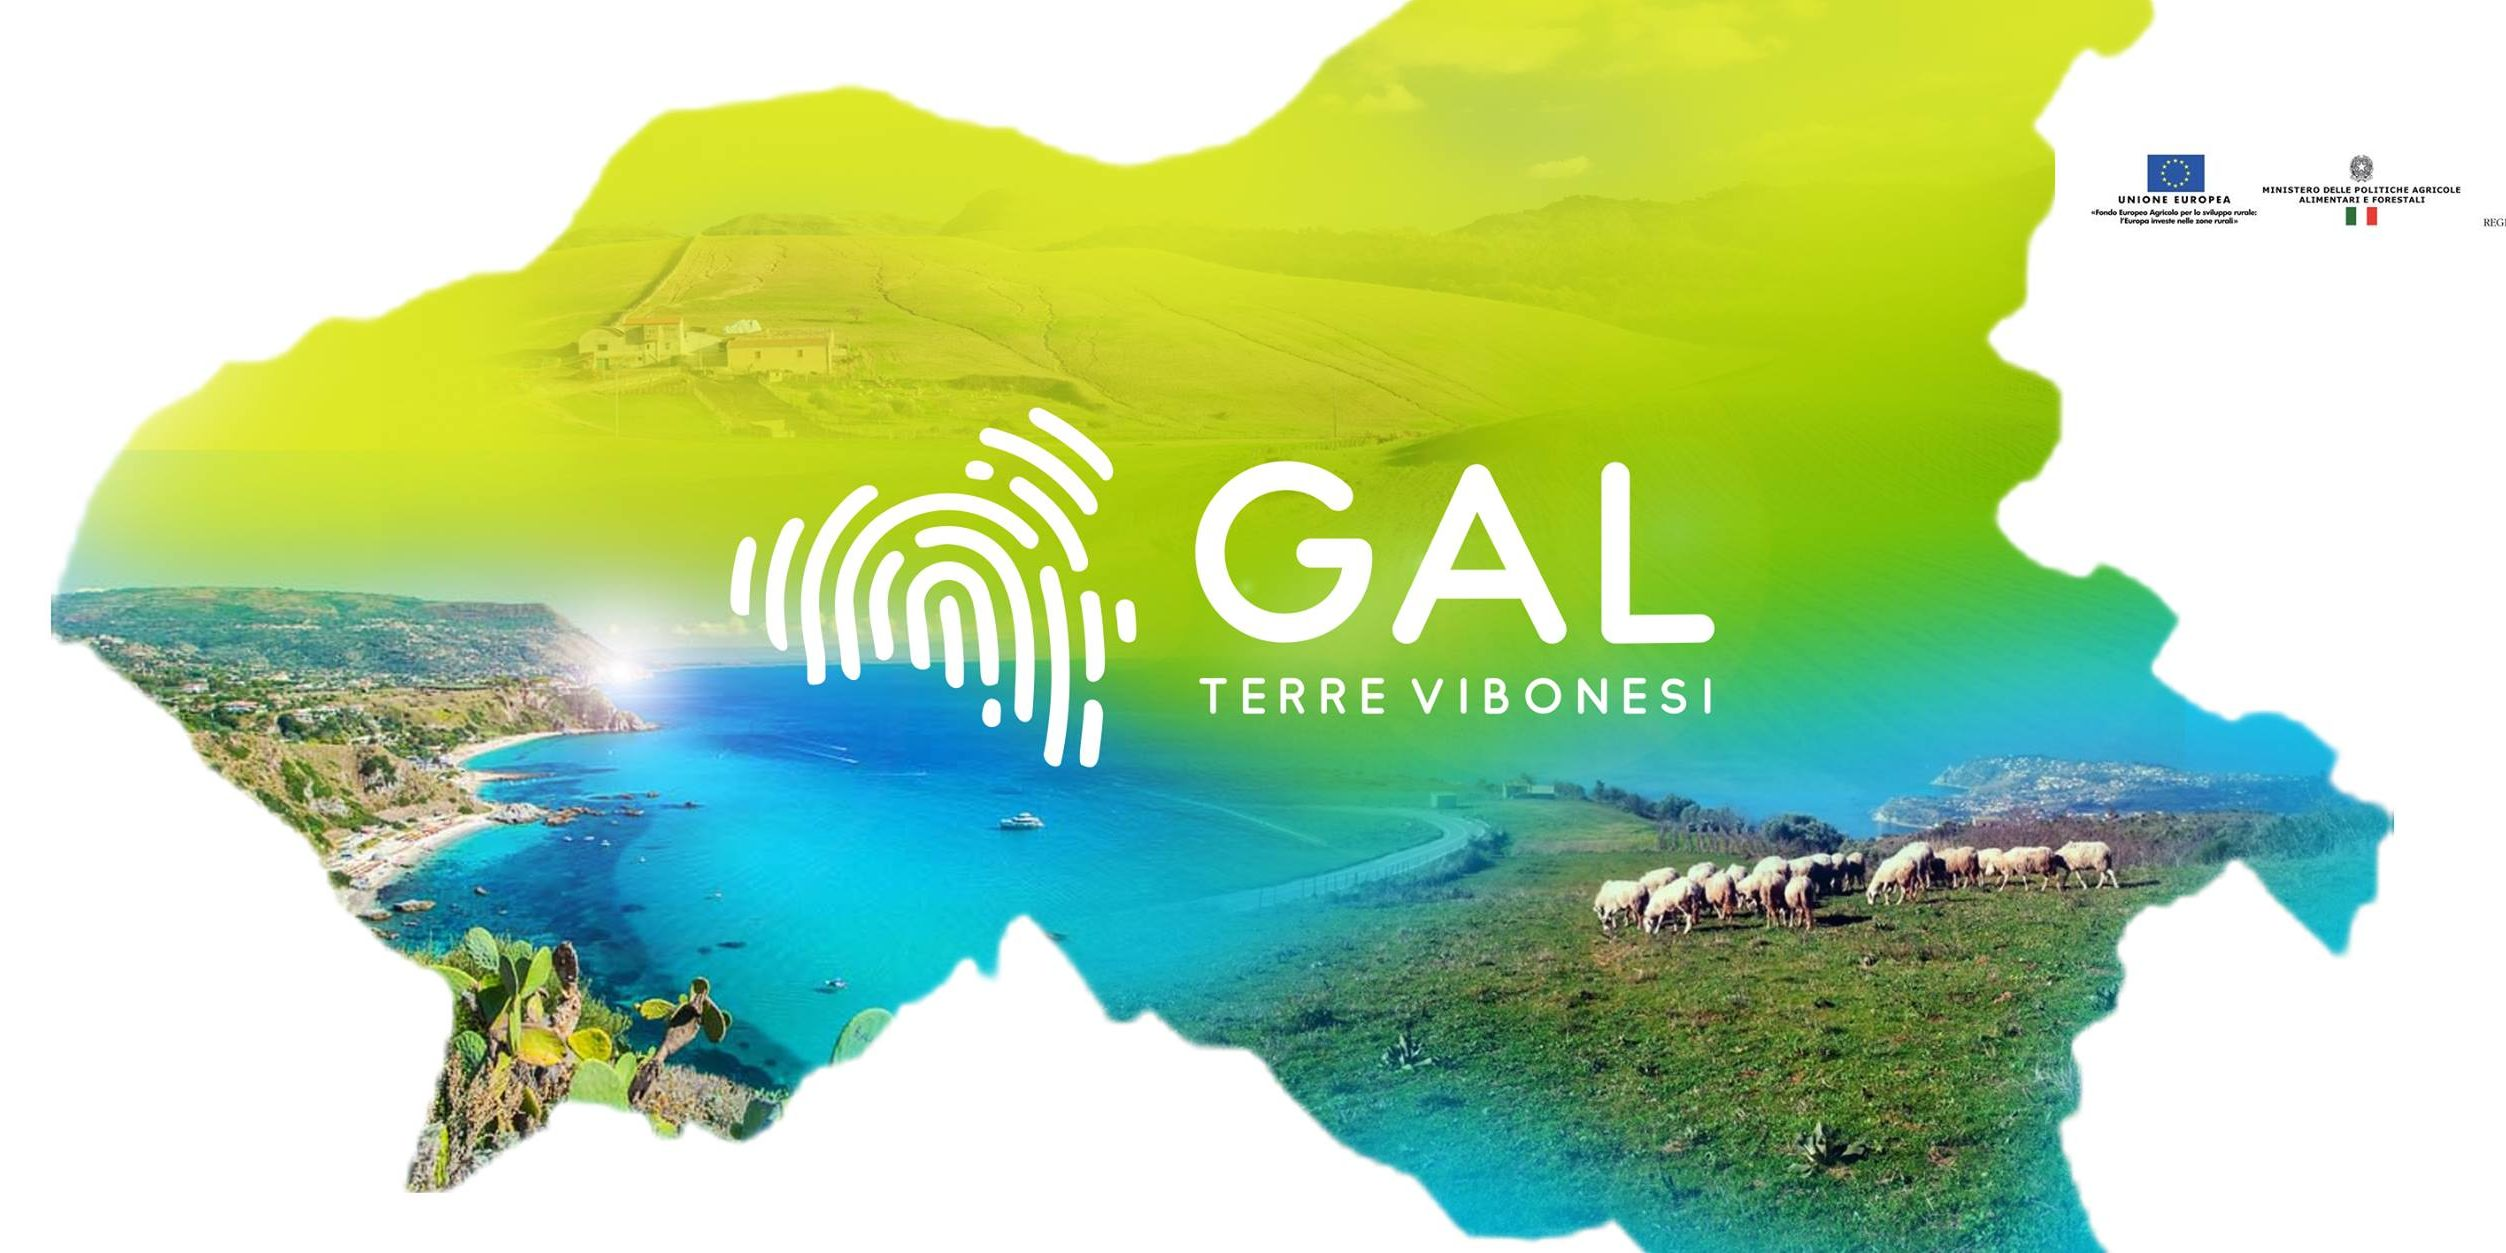 """Pubblico il nuovo bando del GAL a sostegno degli investimenti per l'ammodernamento delle aziende agricole delle """"Terre Vibonesi"""""""